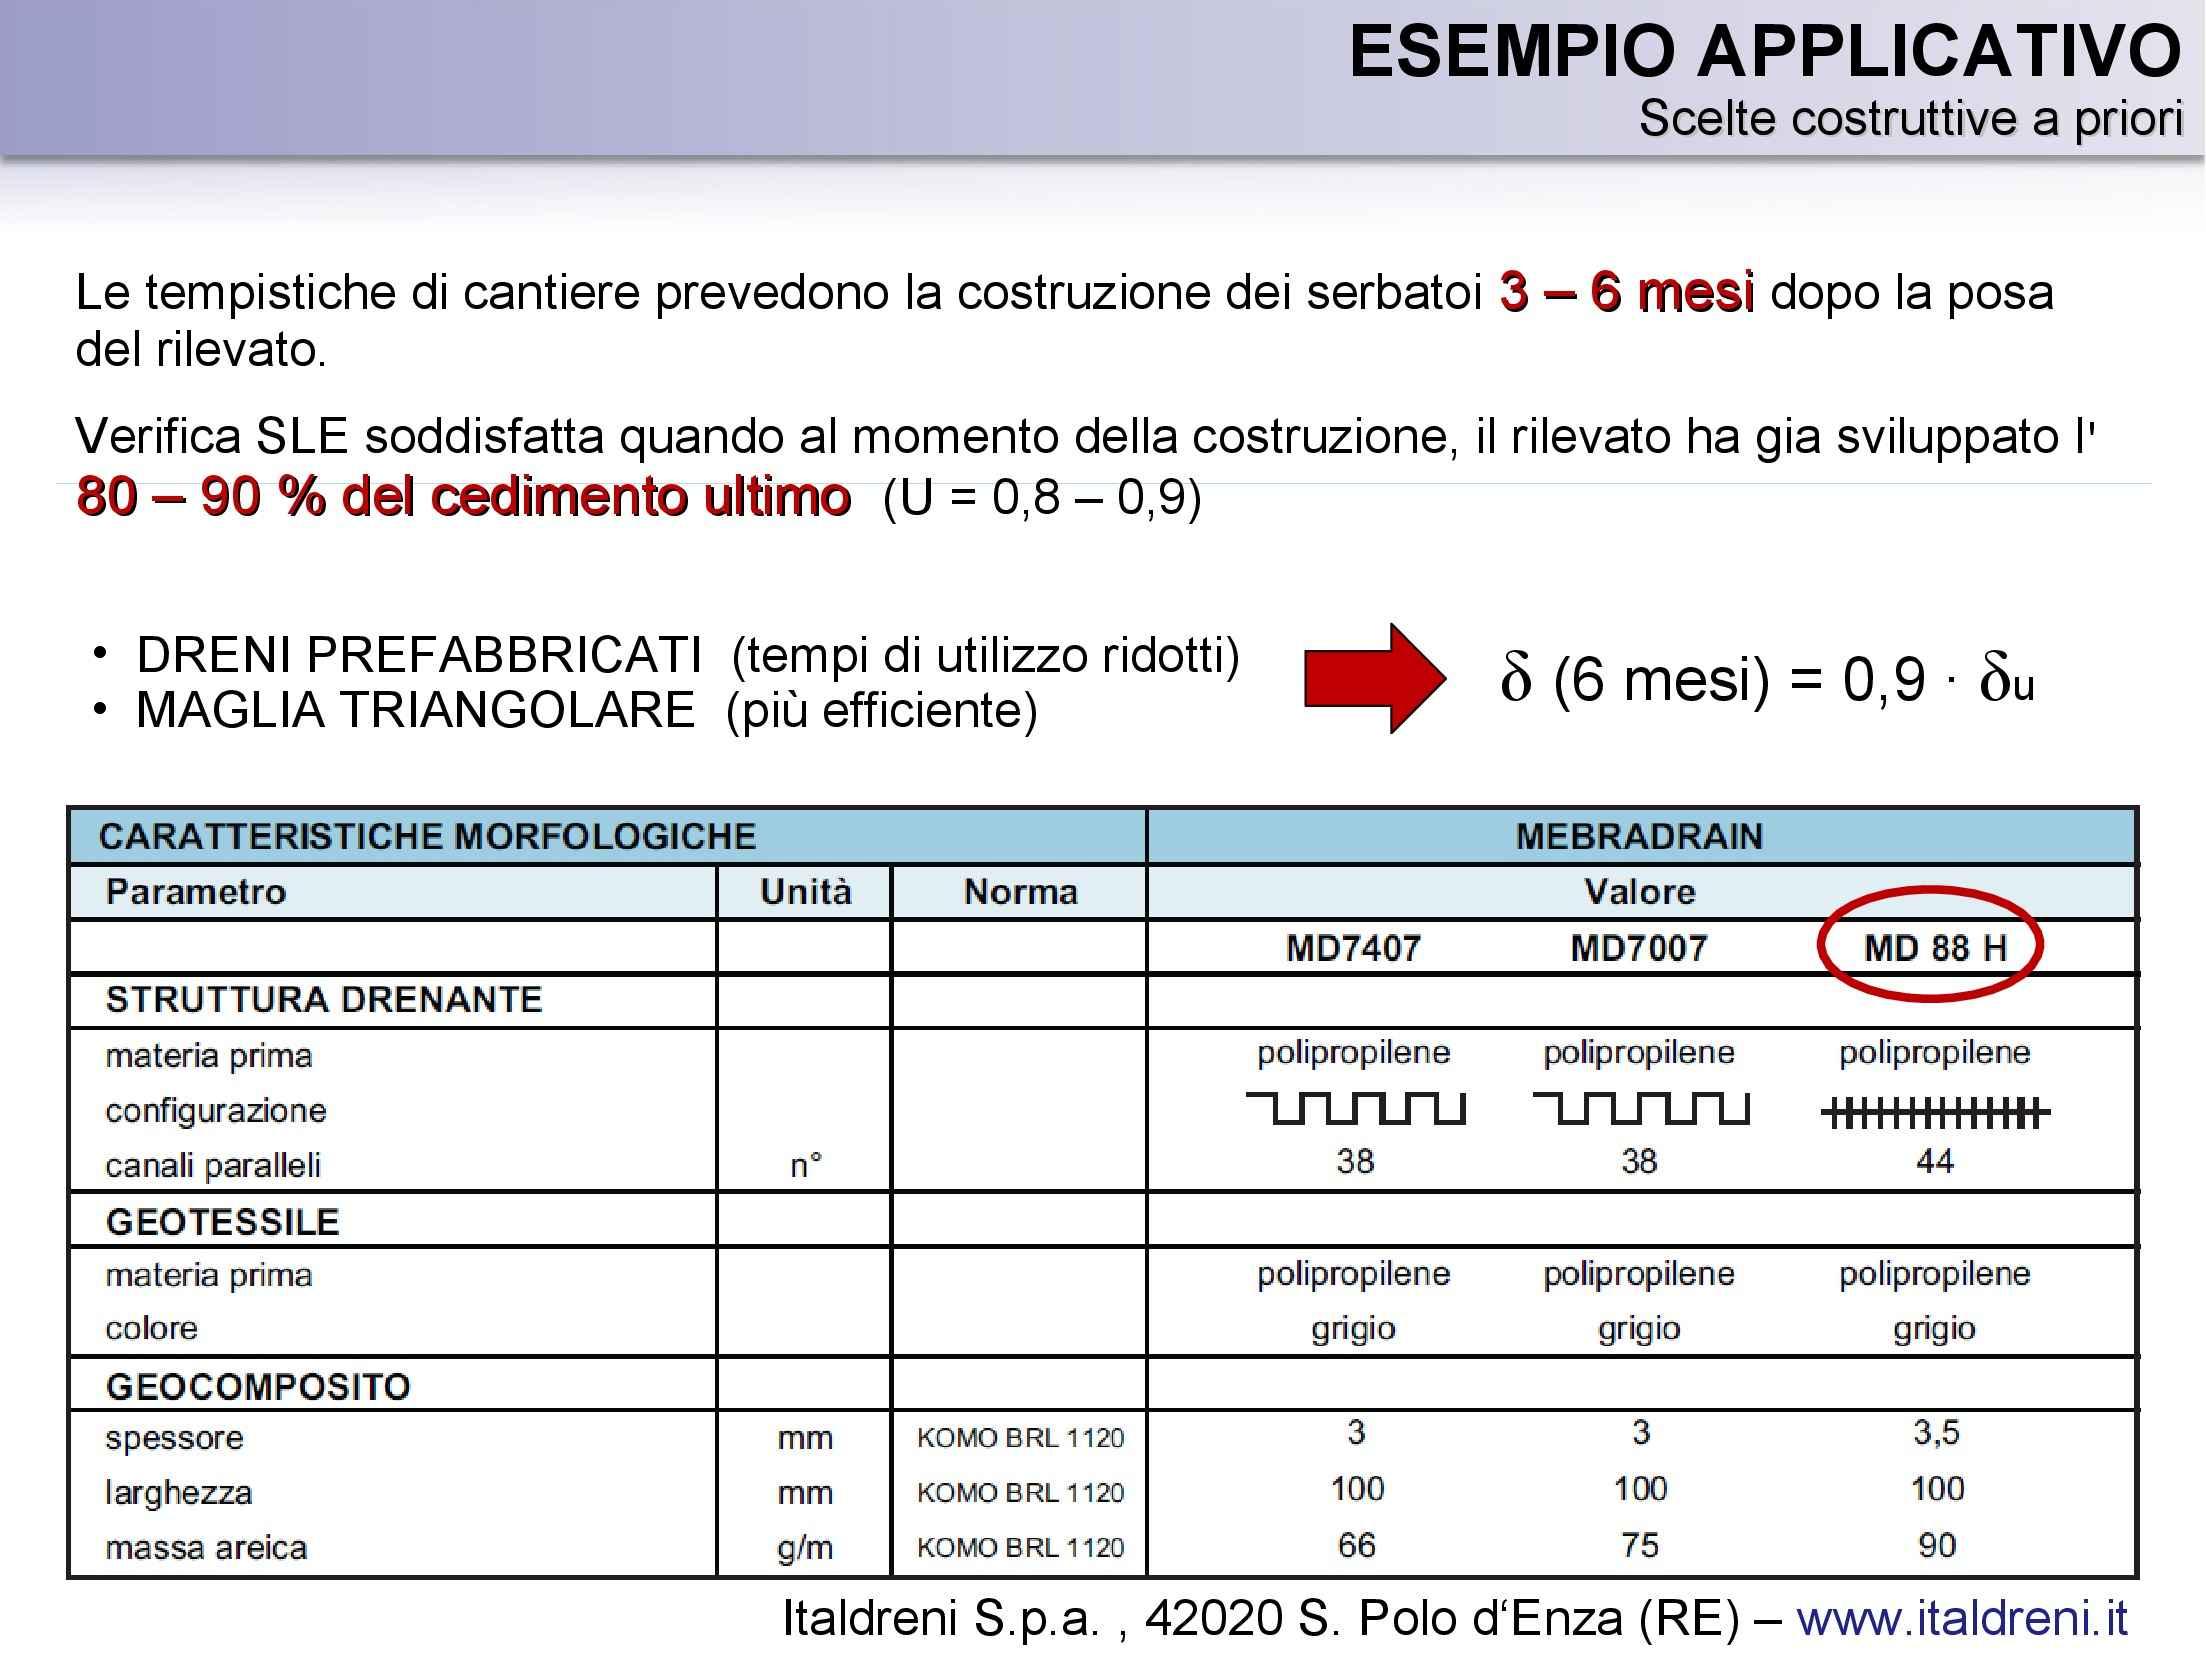 Presentazione Tesi - Cedimenti di rilevati e opere di preconsolidazione Pag. 16